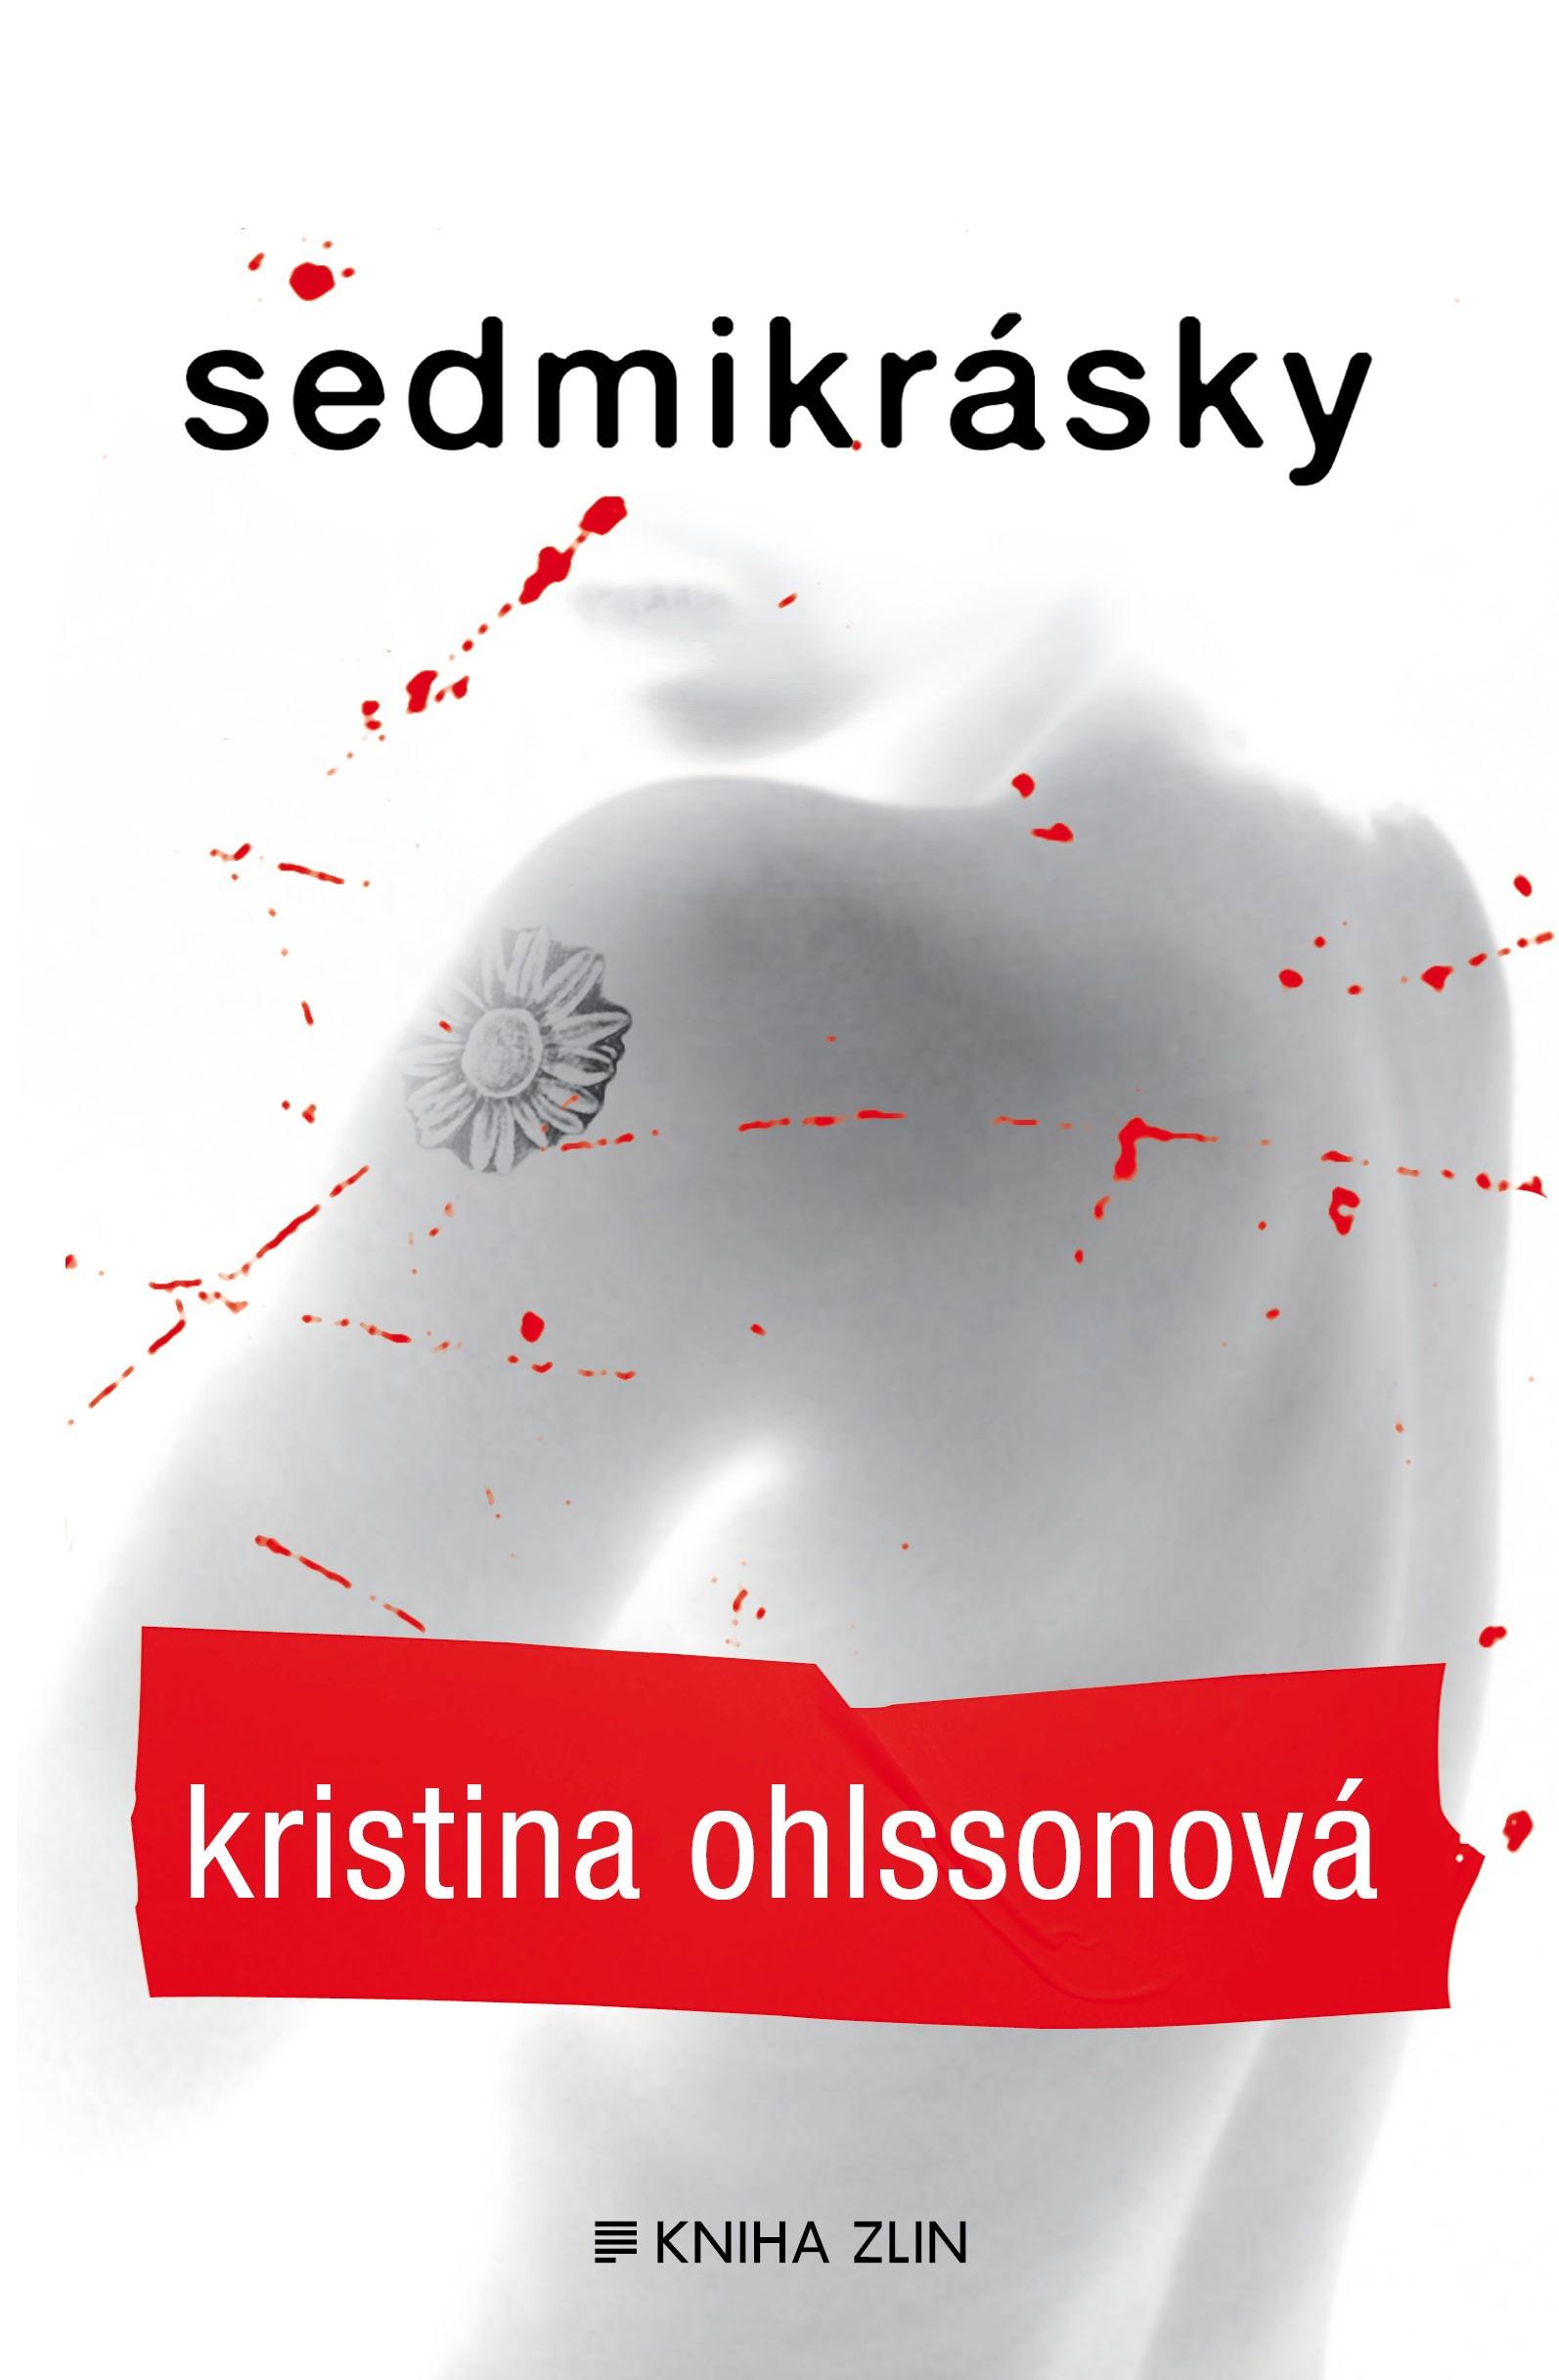 Sedmikrásky (paperback) | Luisa Robovská, Kristina Ohlssonová